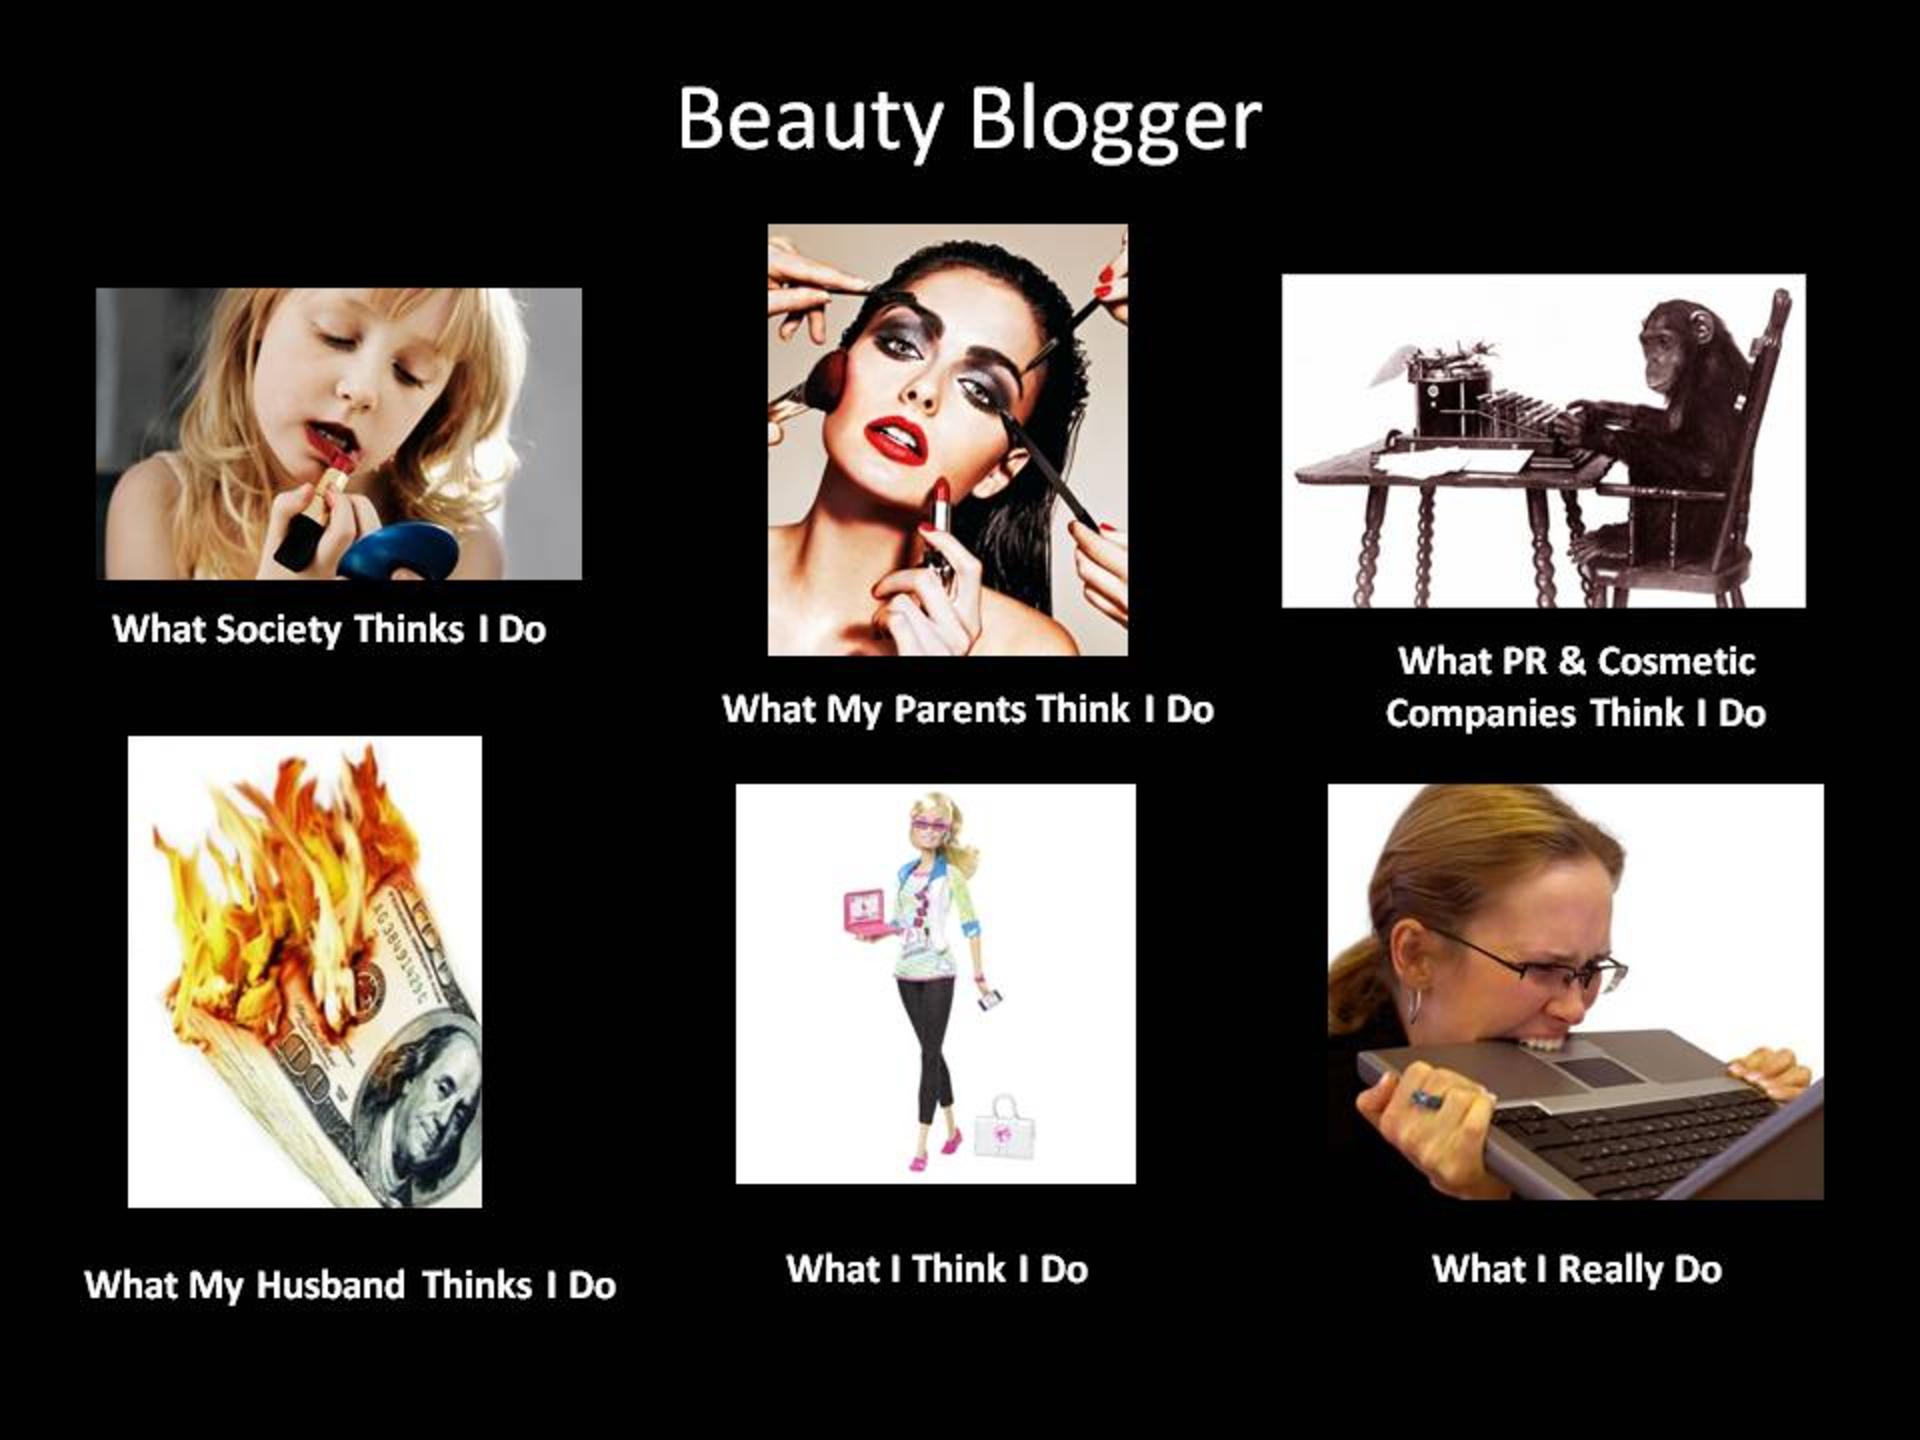 Winkl Blog - BeautyBlogger